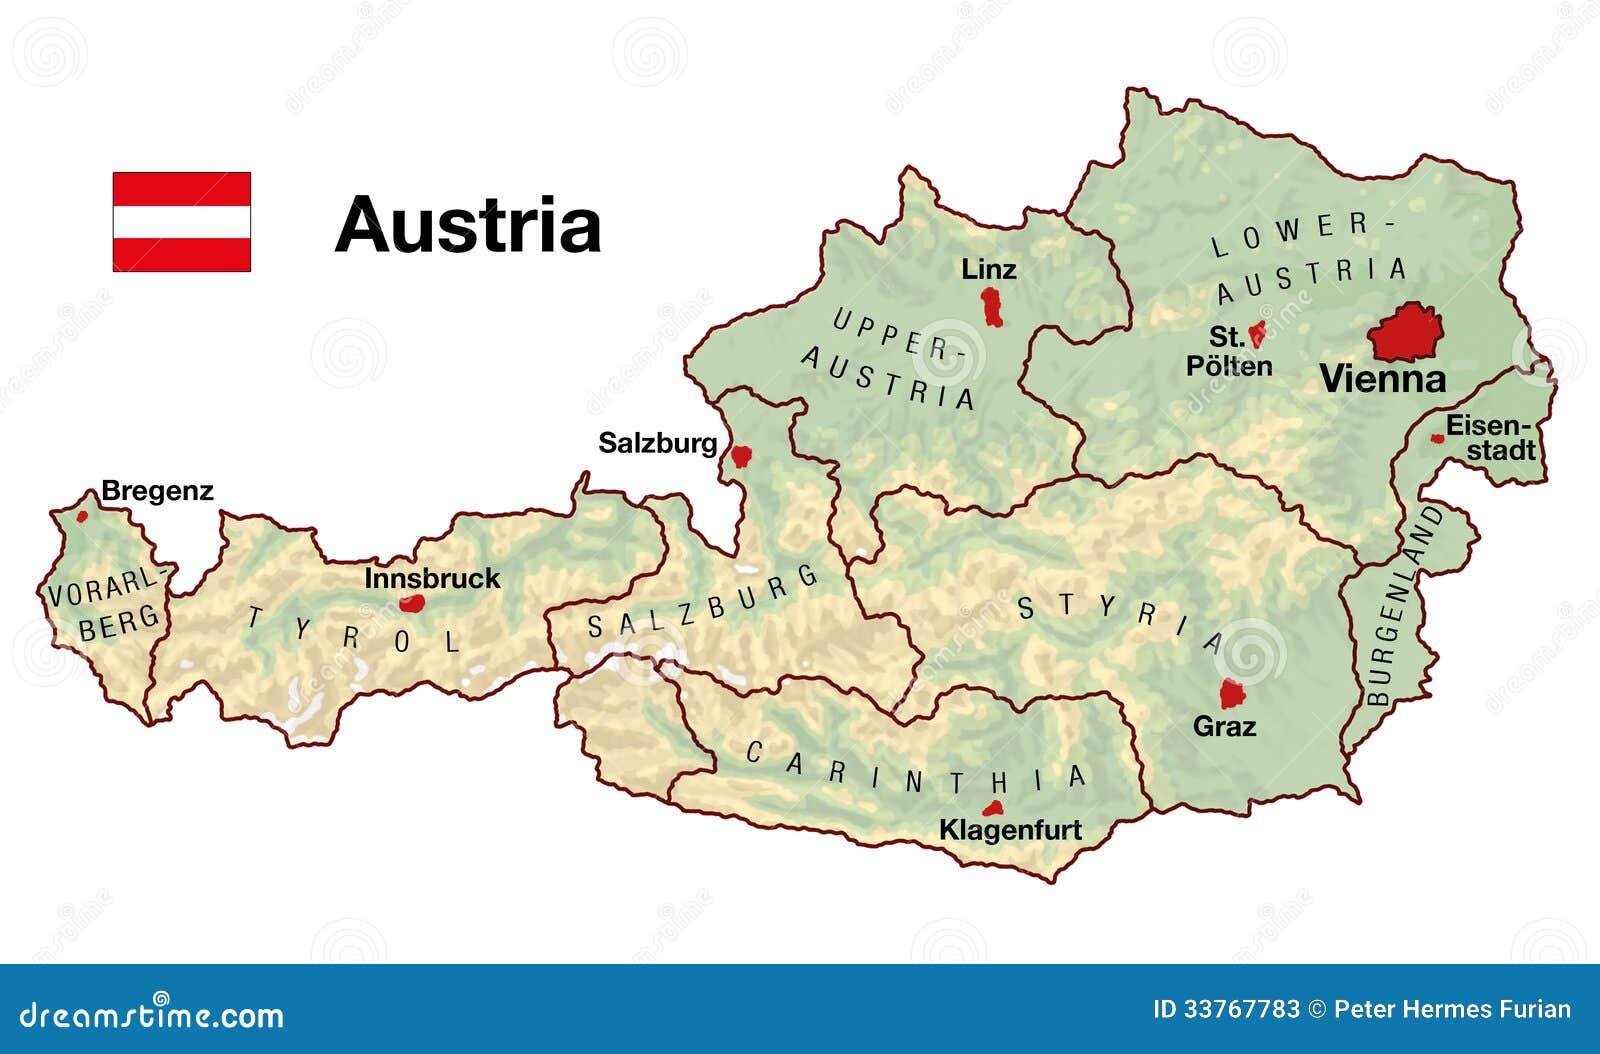 Cartina Del Austria.Mappa Dell Austria Illustrazione Di Stock Illustrazione Di Topografia 33767783